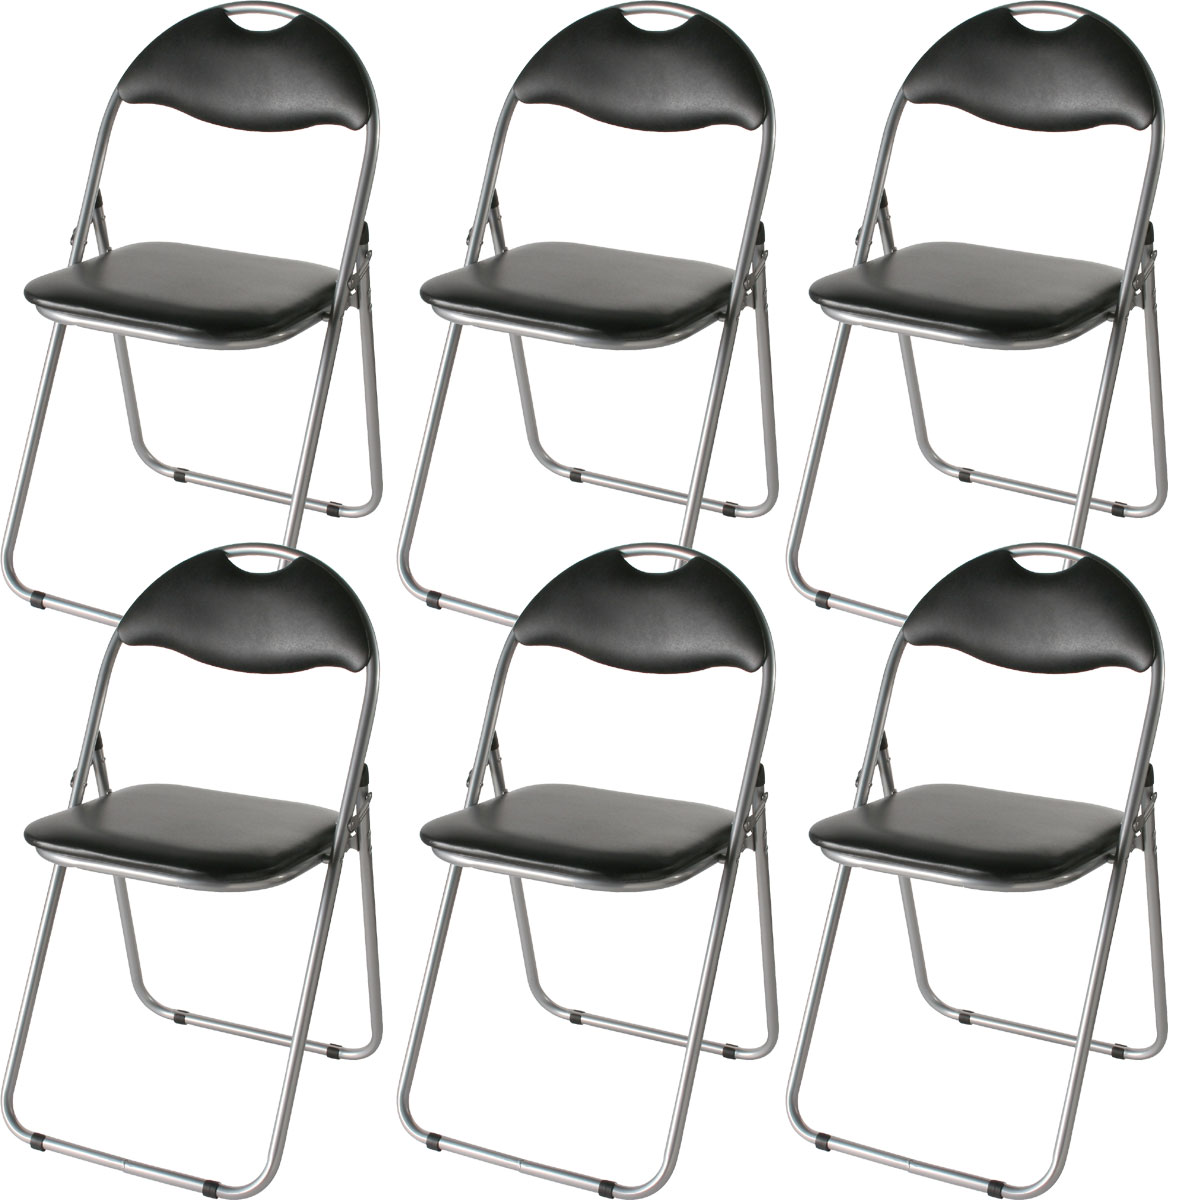 【18脚/1セット】折りたたみ椅子 軽量 持ち運び ミーティングチェア パイプ椅子 折り畳み椅子 折り畳み椅子 パイプイス 一脚あたり1,167円(税抜)スチール製 幅45 奥43 高78cm IK-0102-18 21,006円